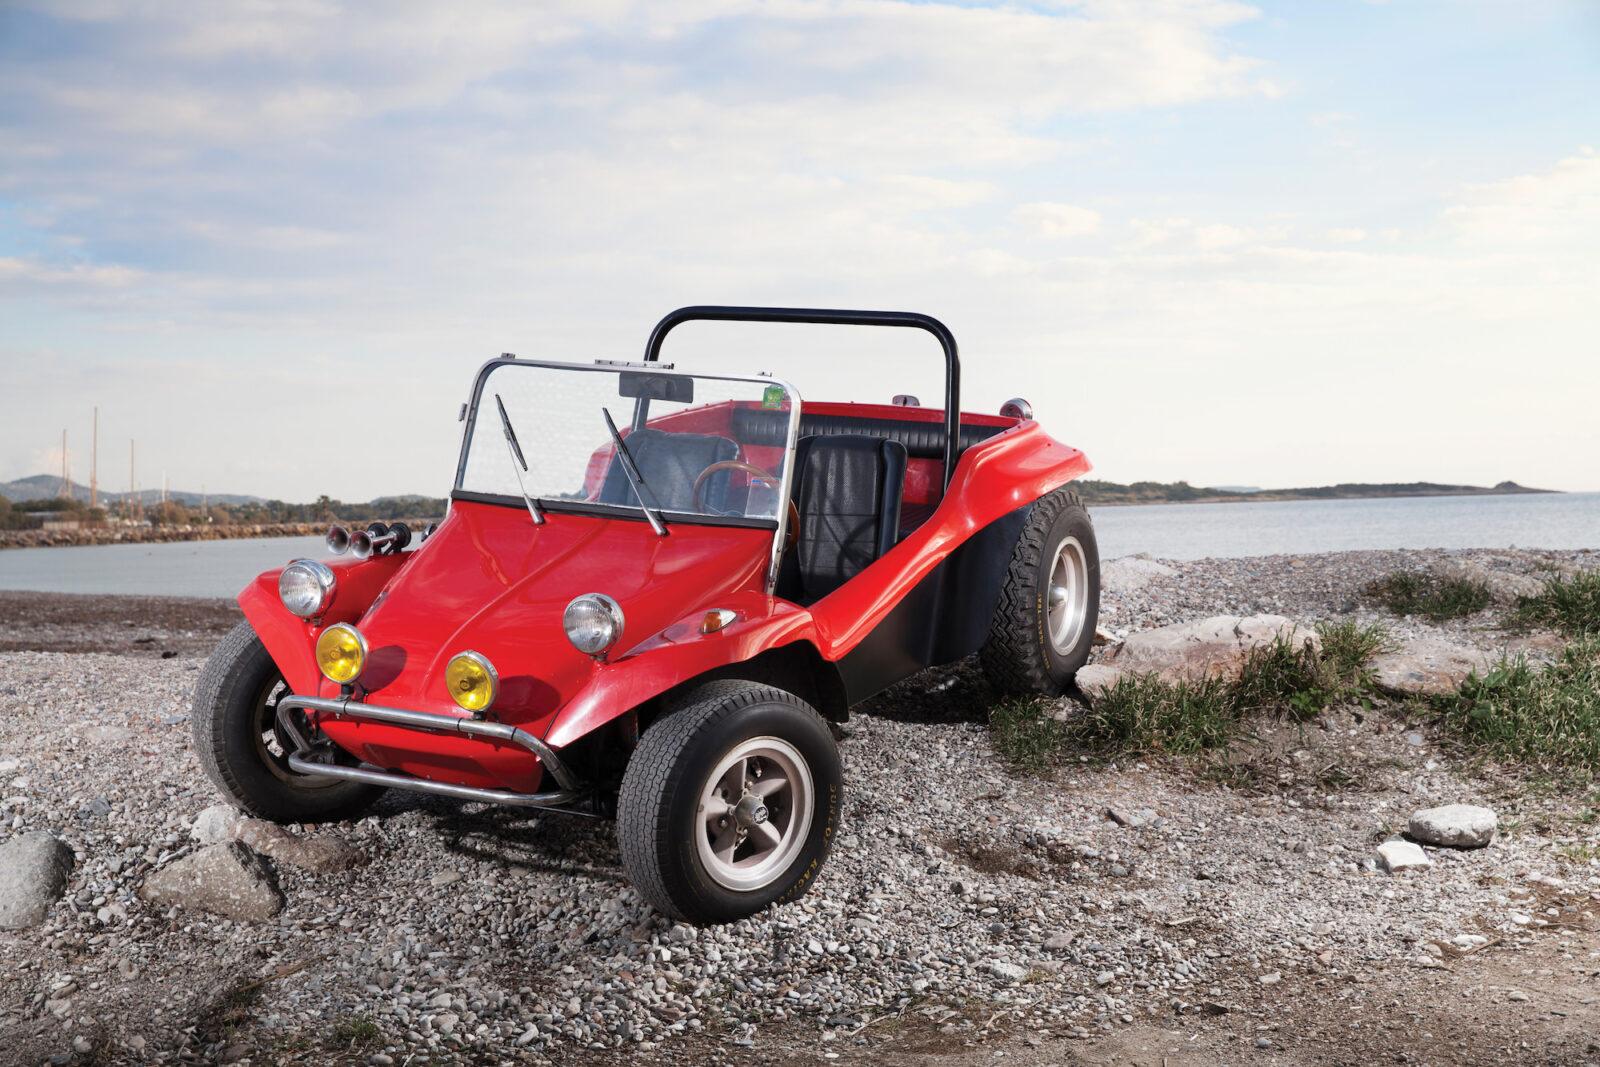 HAZ Buggy 17 1600x1067 - 1969 HAZ Buggy